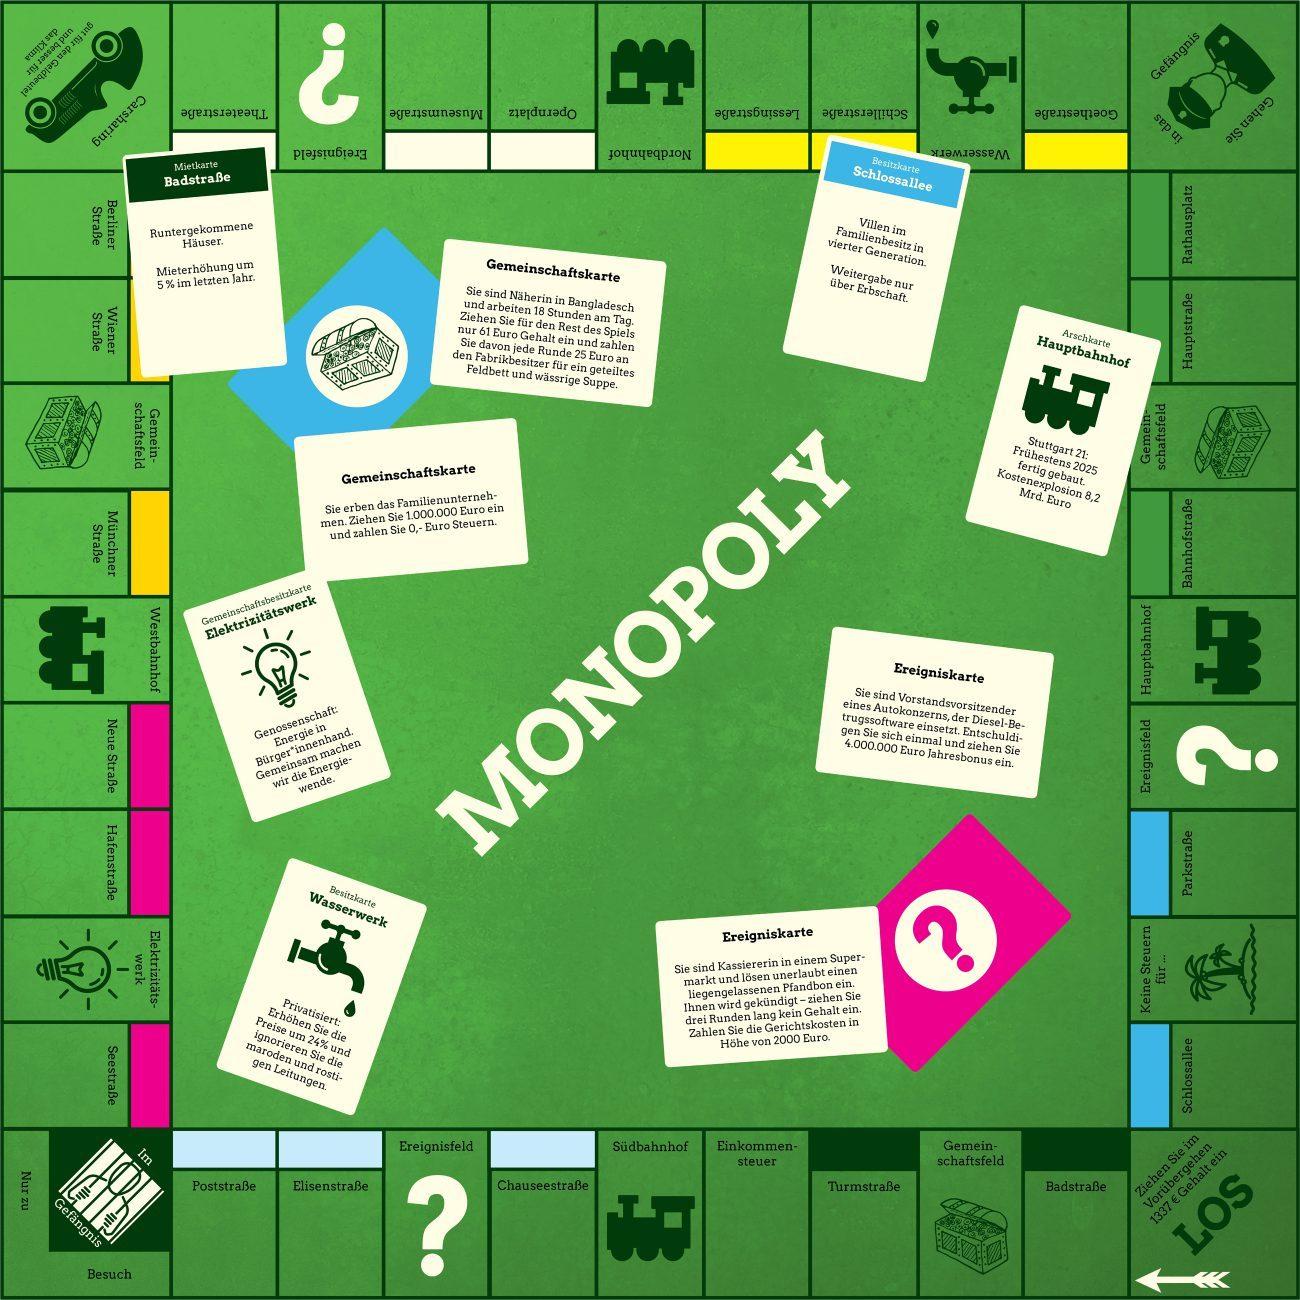 Grafik: Das etwas andere Monopoly